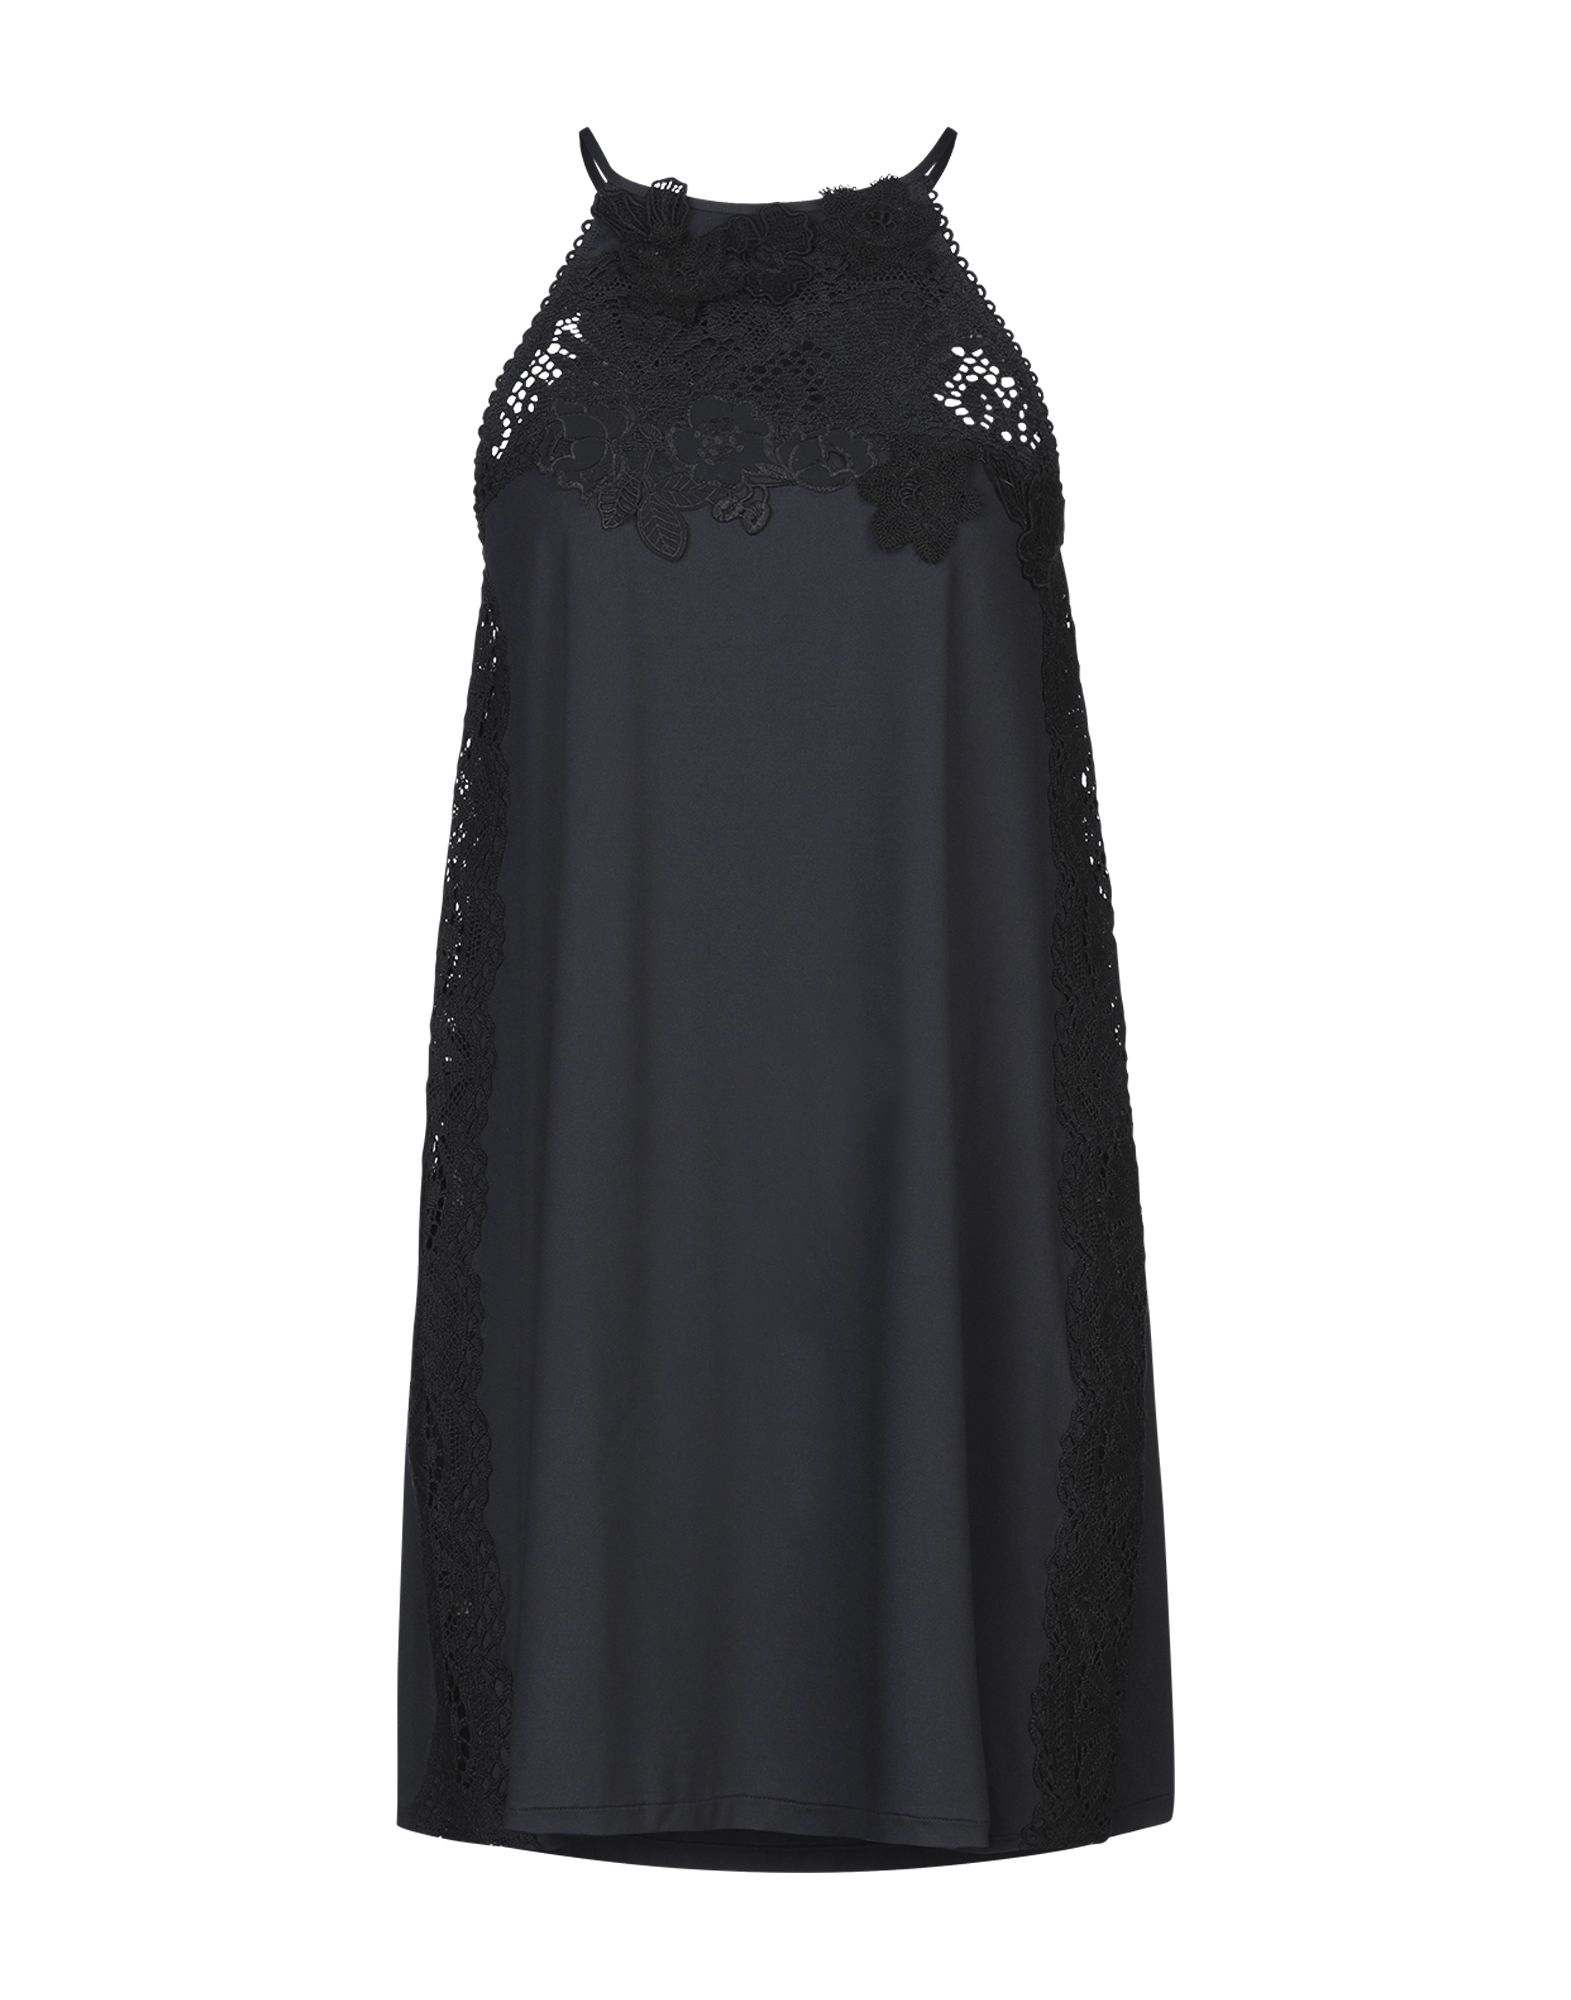 Фото - RAFFAELA D'ANGELO Короткое платье raffaela d angelo блузка